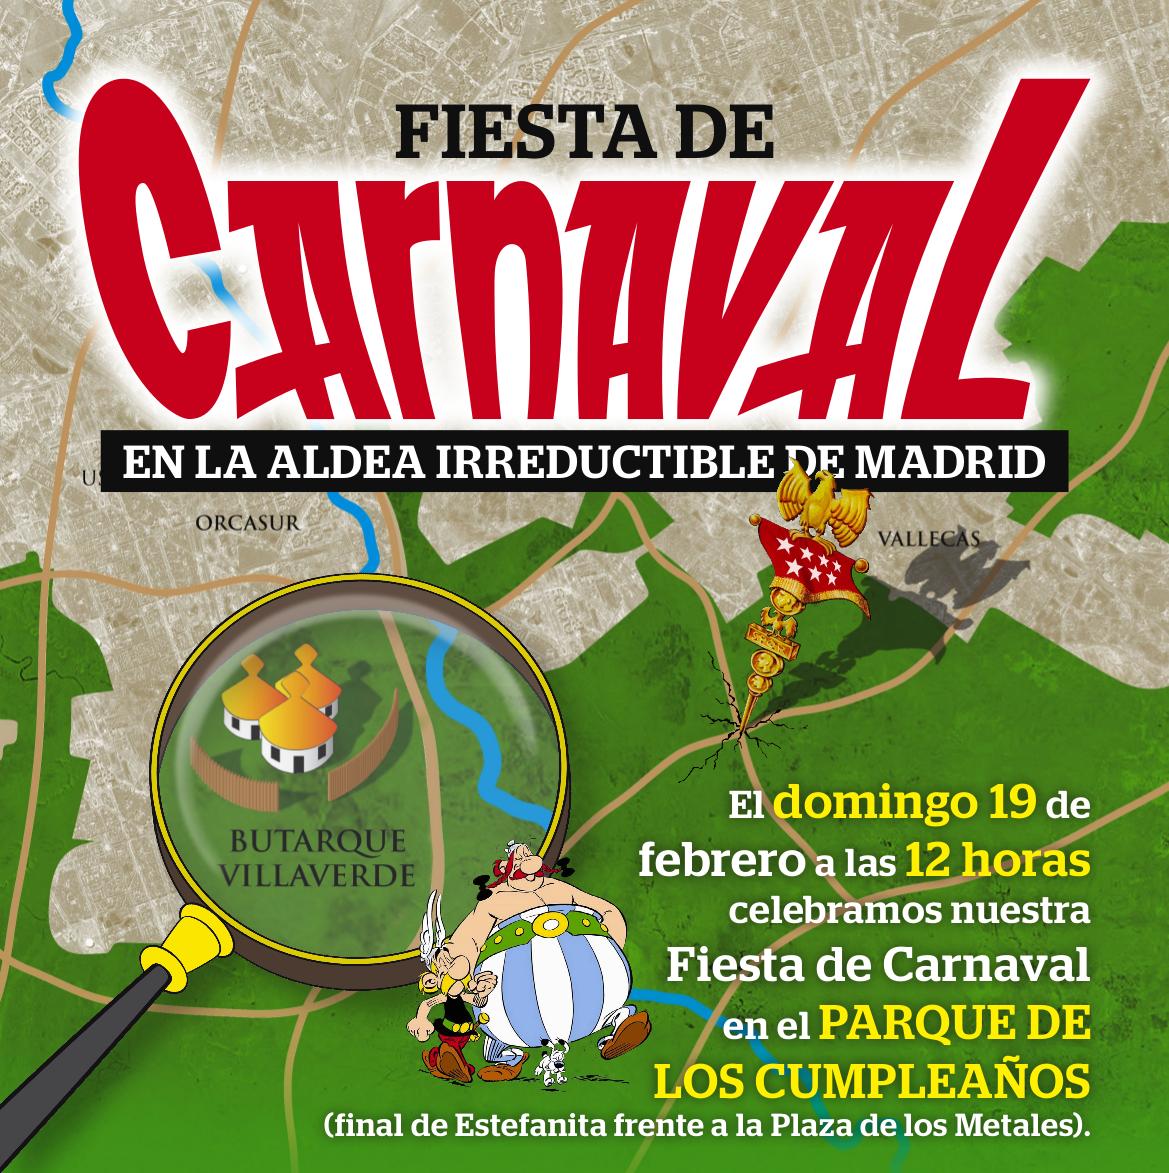 Fiesta de Carnaval en la aldea irreductible de Madrid (Parte 1)